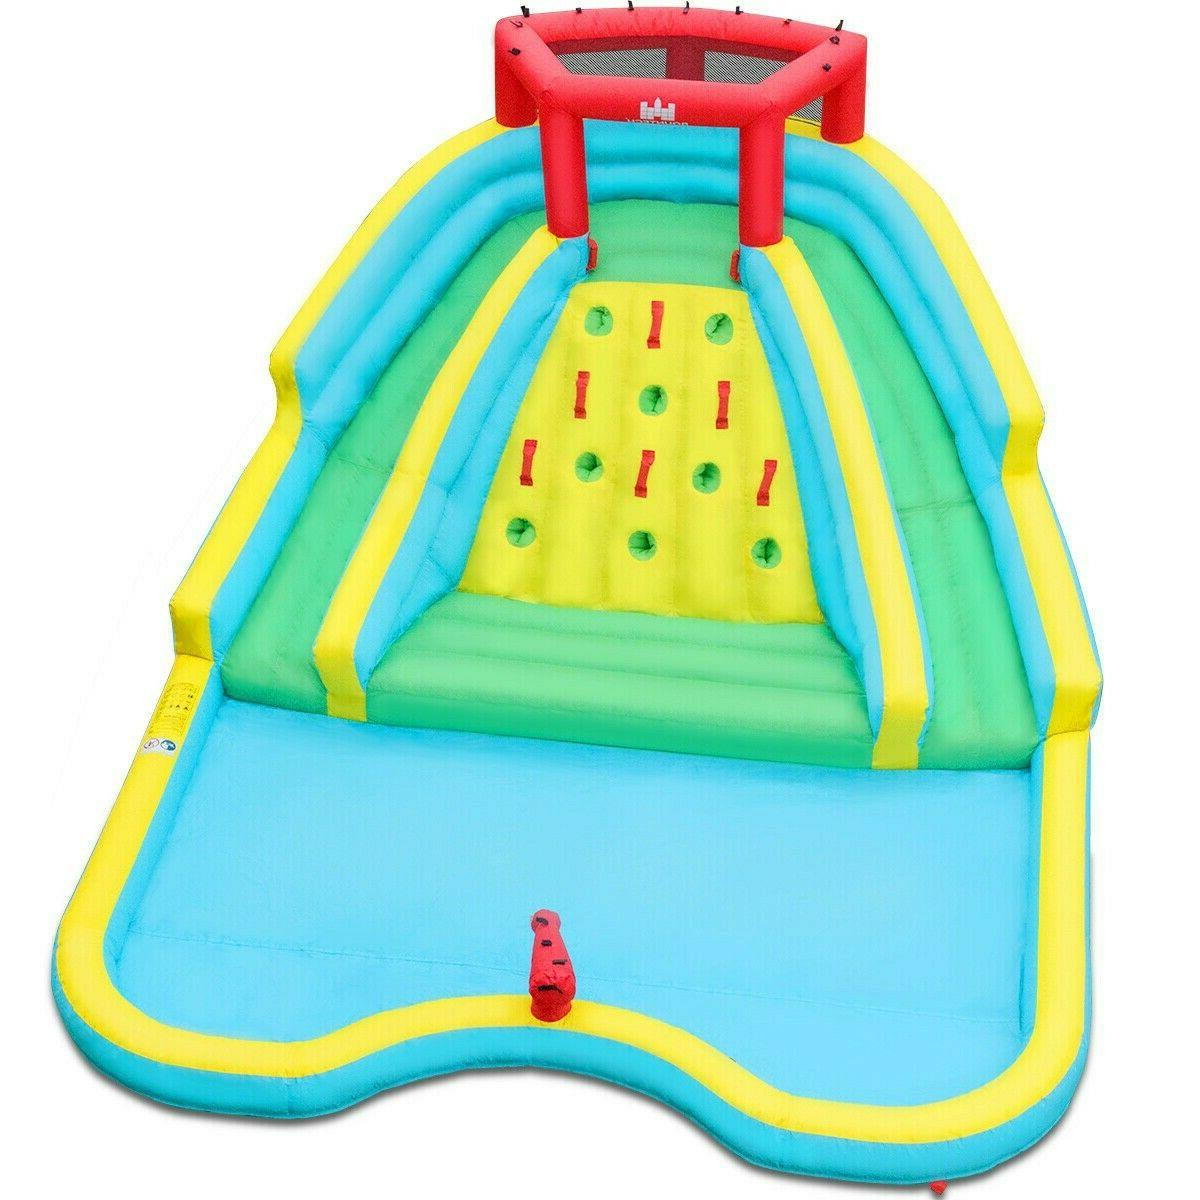 Slide Soak Splash Park Inflatable Outdoor Kids Water Park Pl